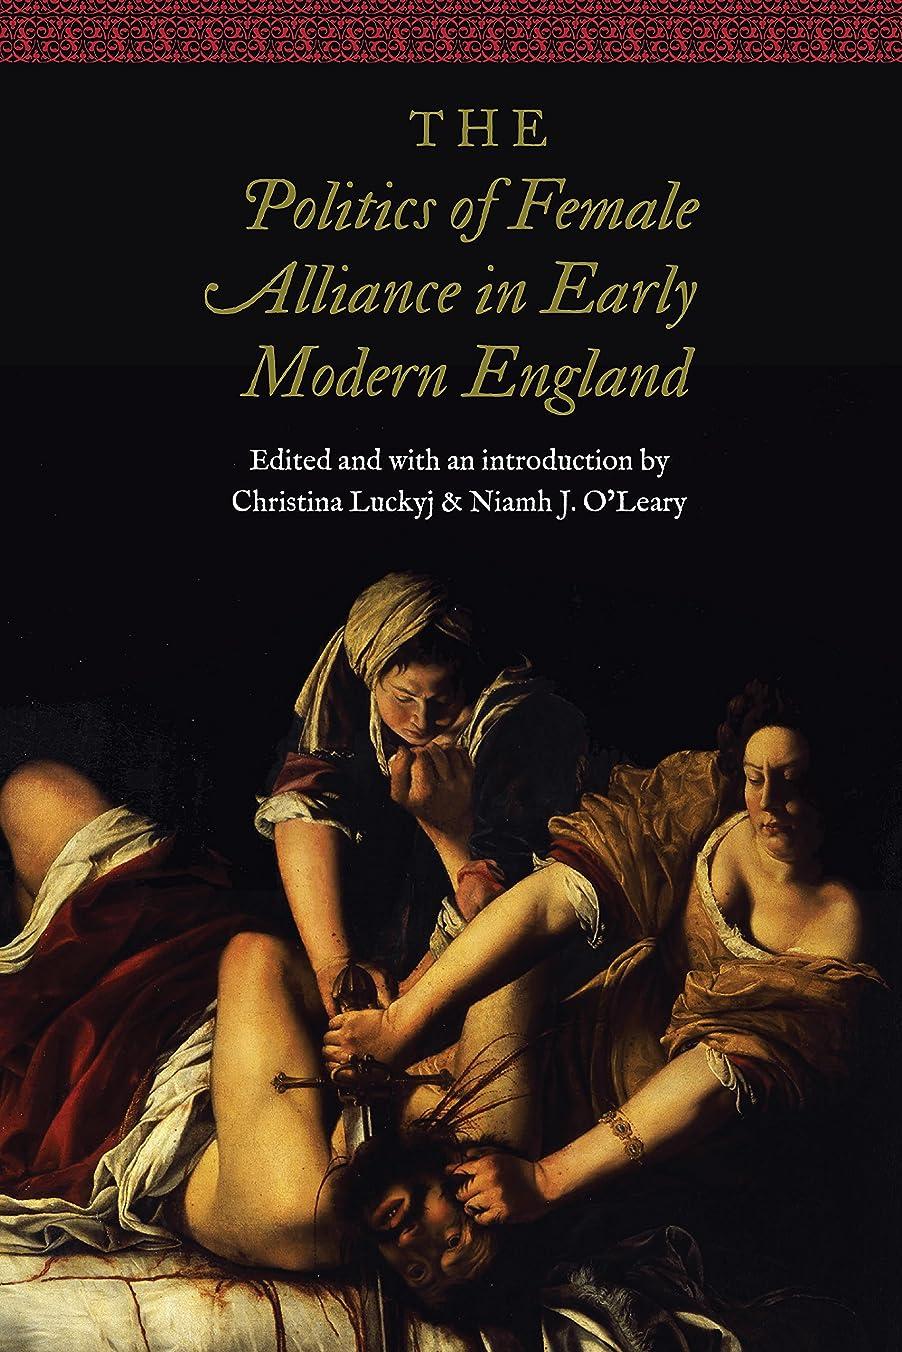 蛾混乱させるバインドThe Politics of Female Alliance in Early Modern England (Women and Gender in the Early Modern World) (English Edition)